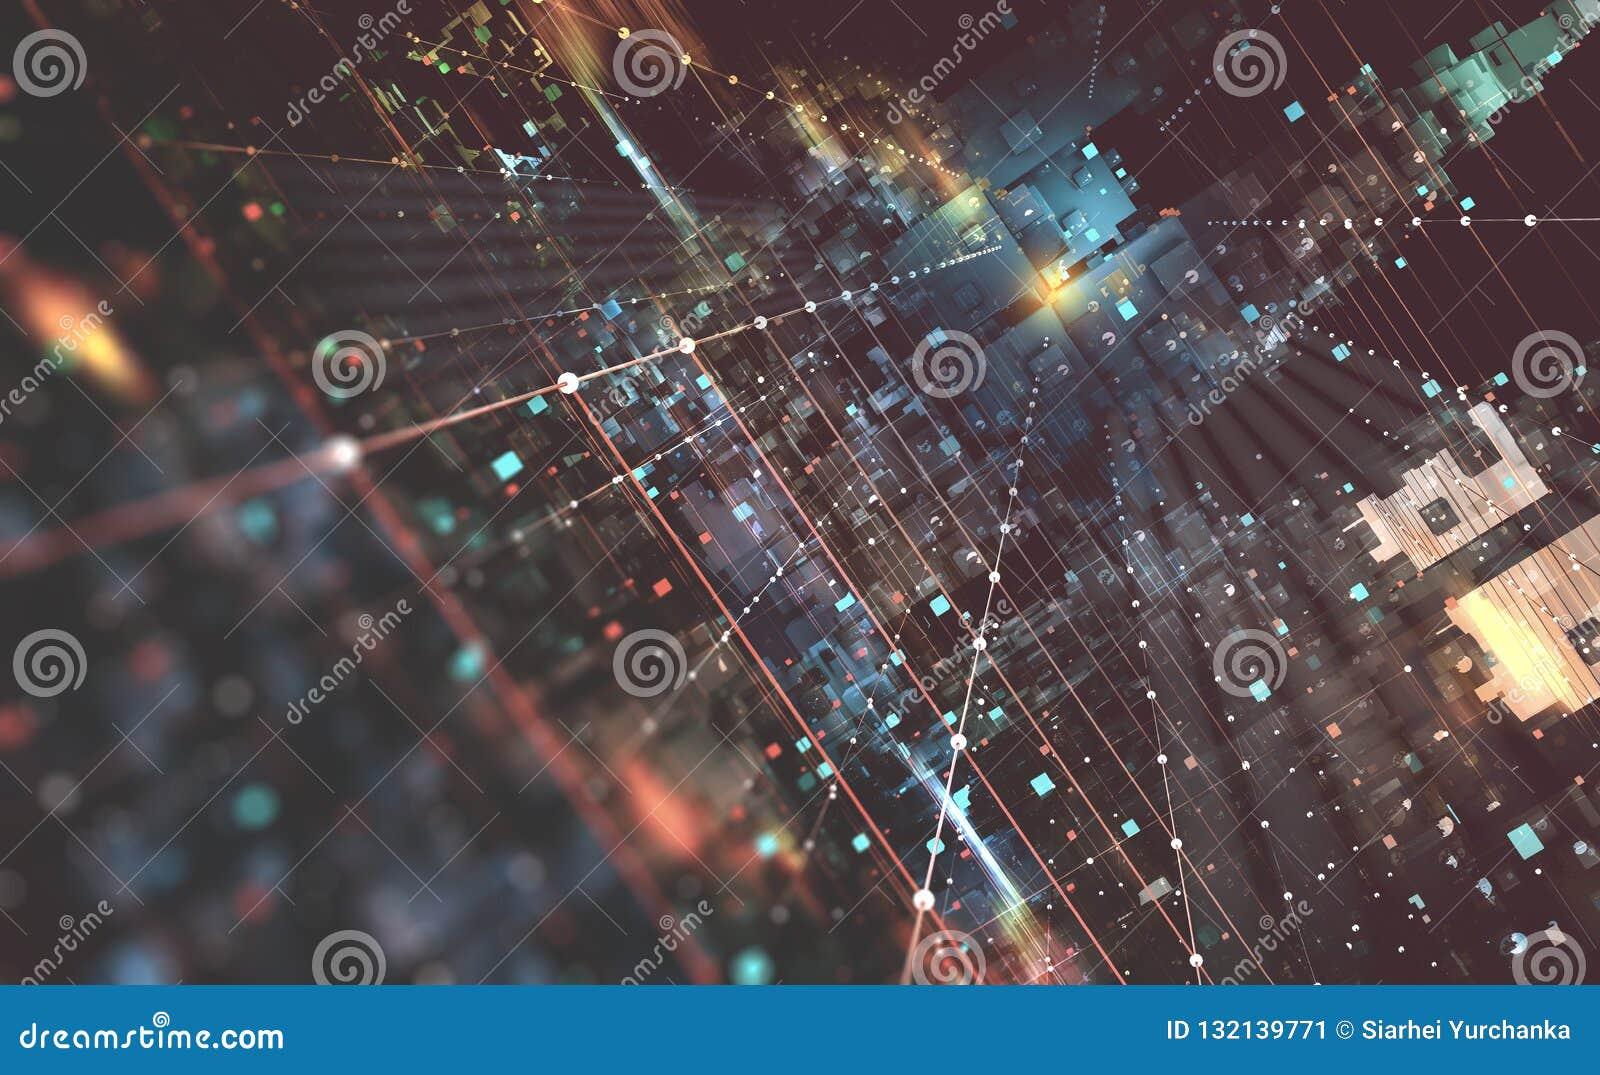 Abstrakte Illustration des Technologiehintergrundes 3D Quantums-Rechnerarchitektur Fantastische Nachtstadt